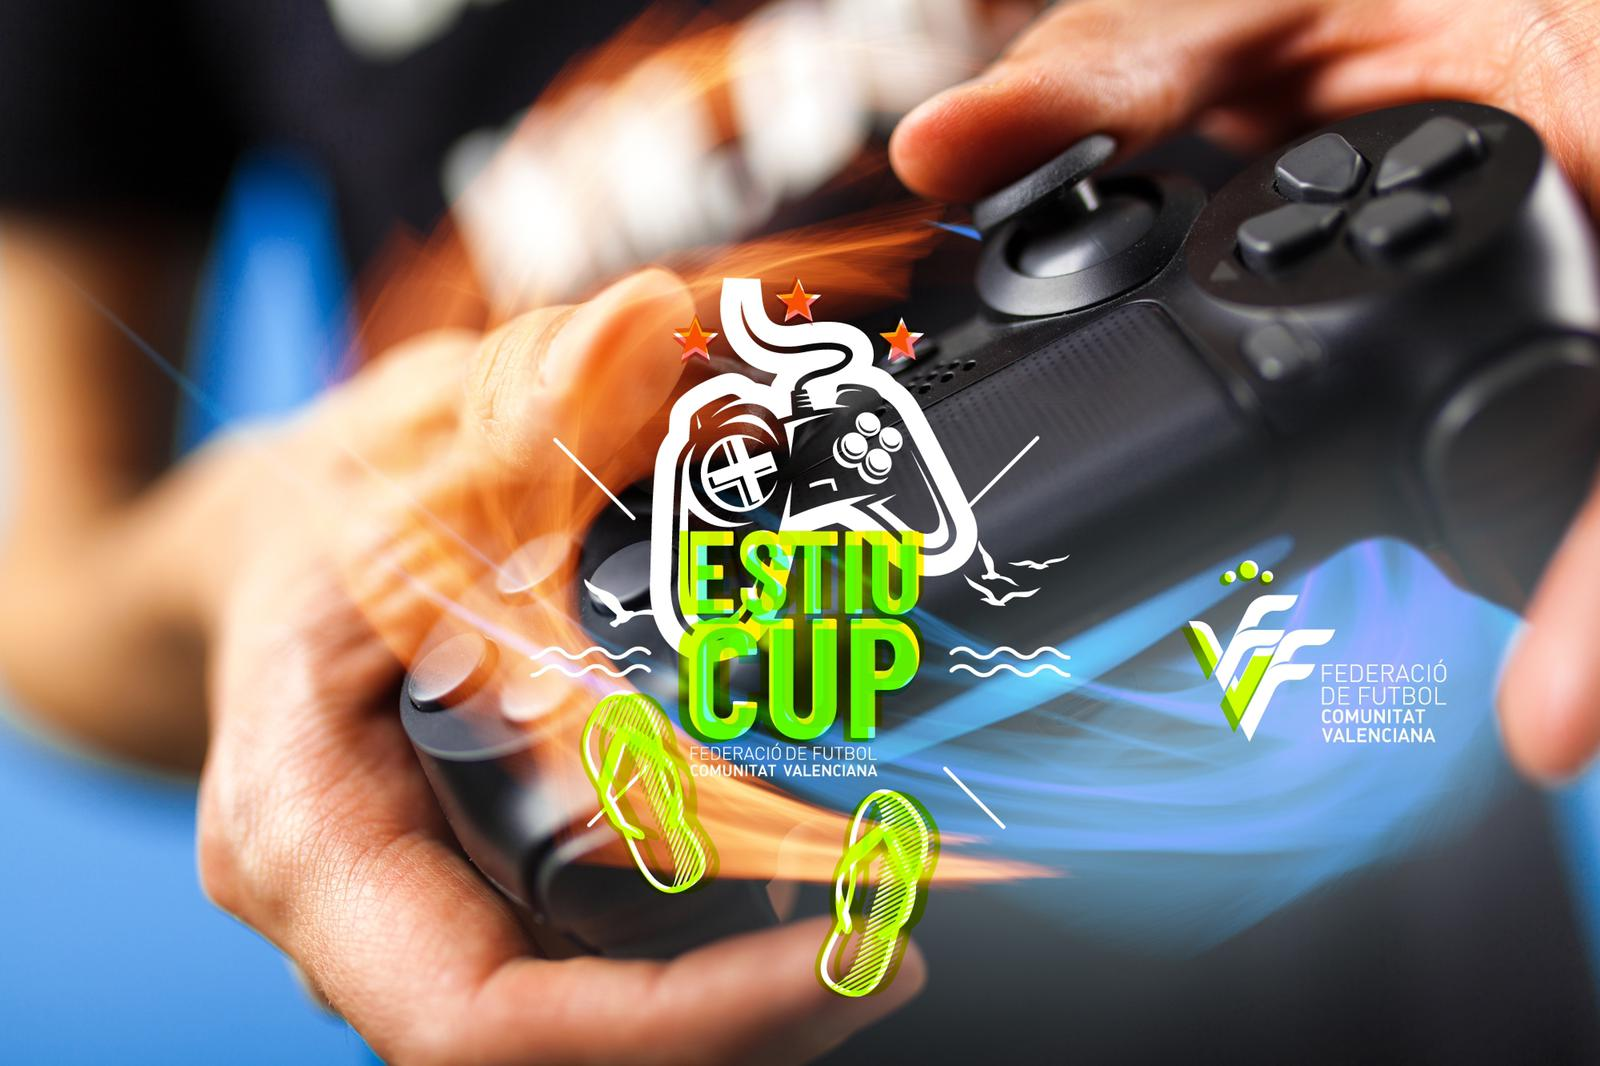 Estiu Cup